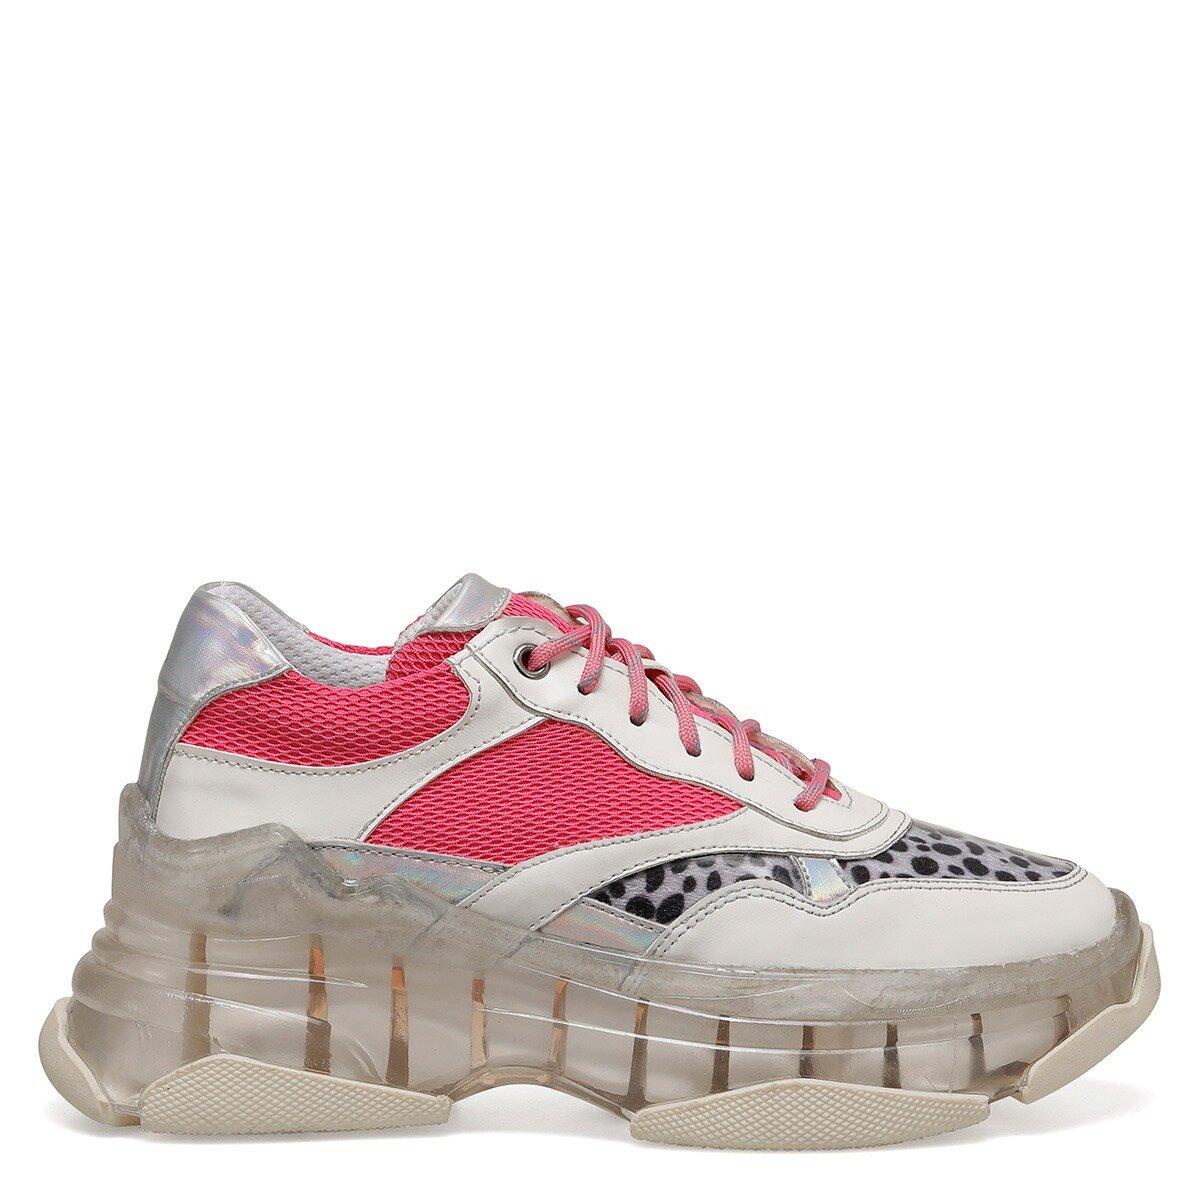 SALEM Pembe Kadın Sneaker Ayakkabı